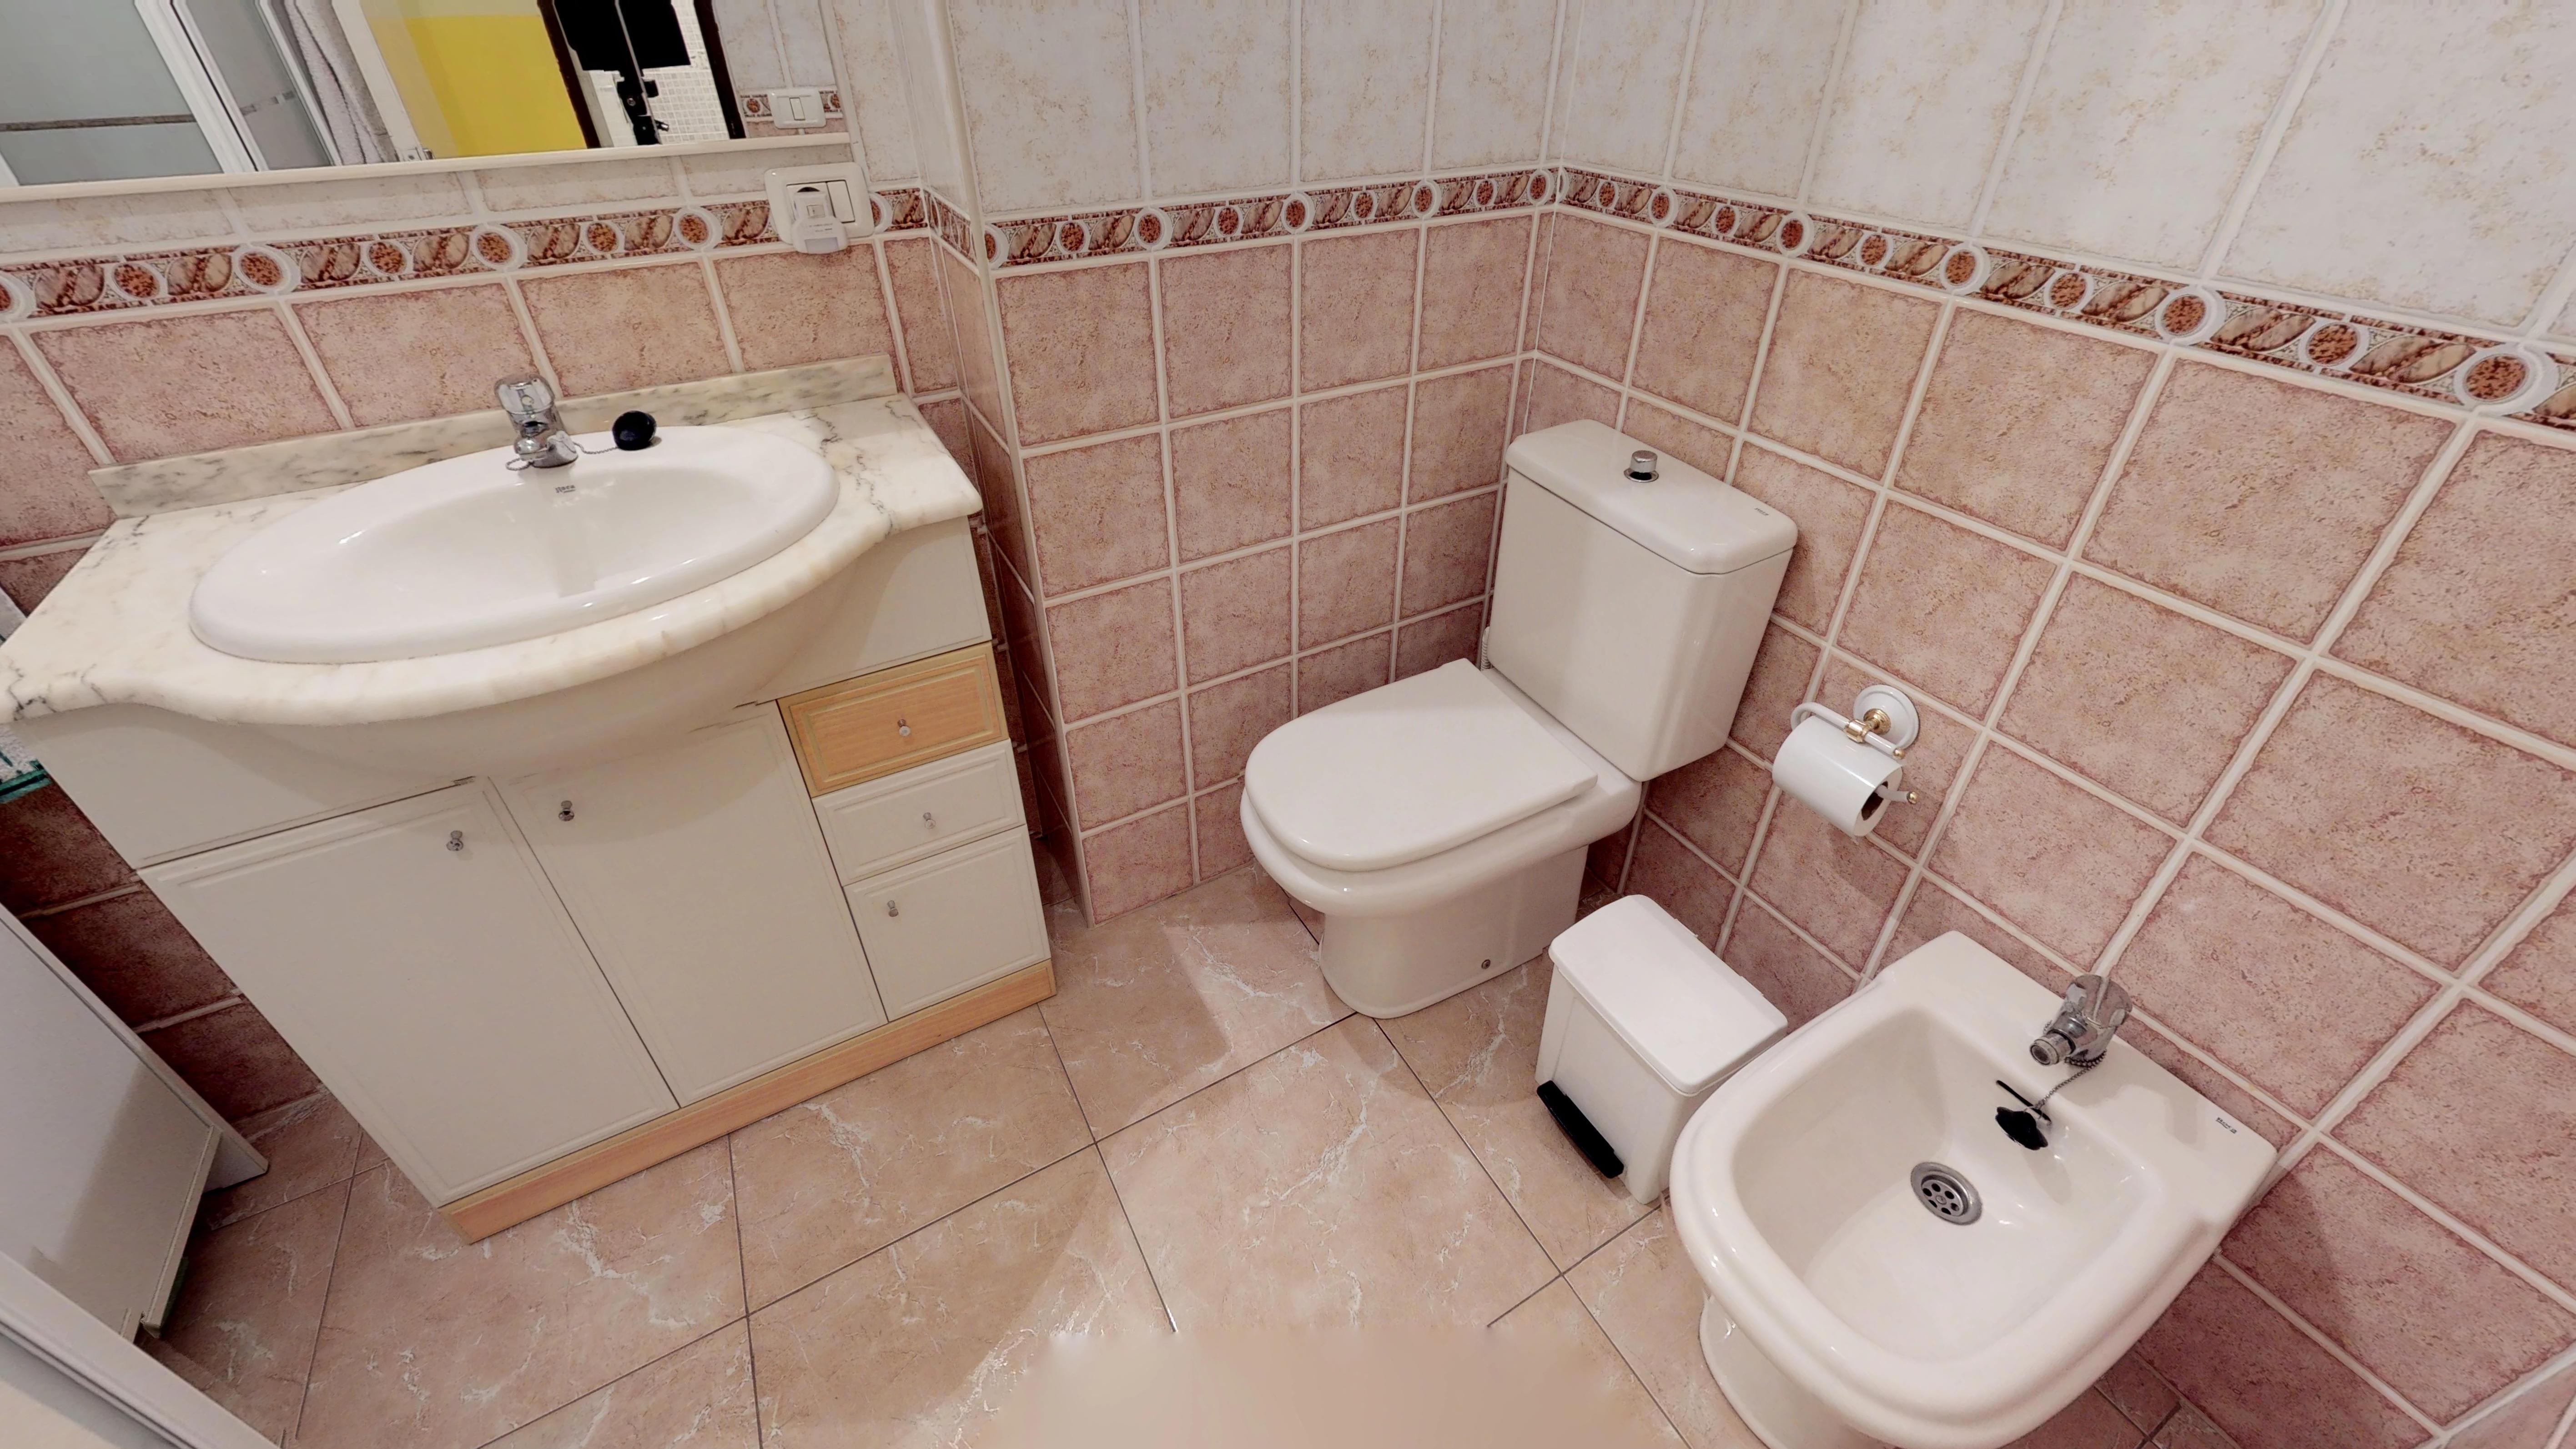 Único La Terapia Apartamento Cocina Alquiler De Cambio De Imagen ...